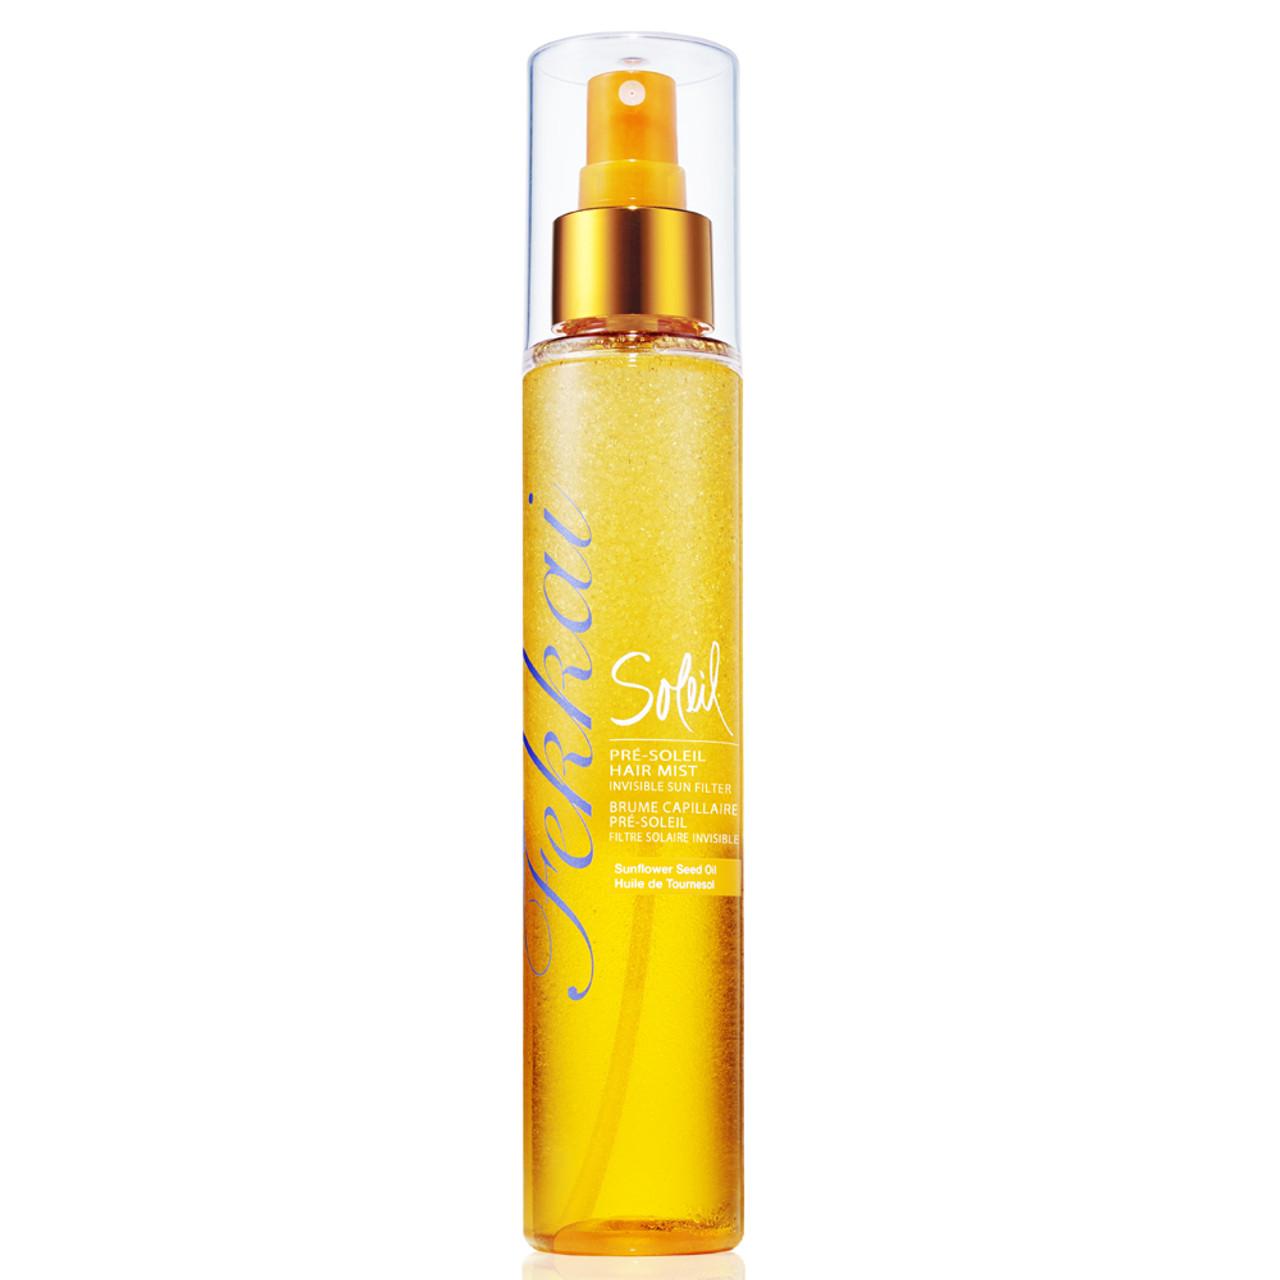 Fekkai Pre Soleil Hair Mist (discontinued)